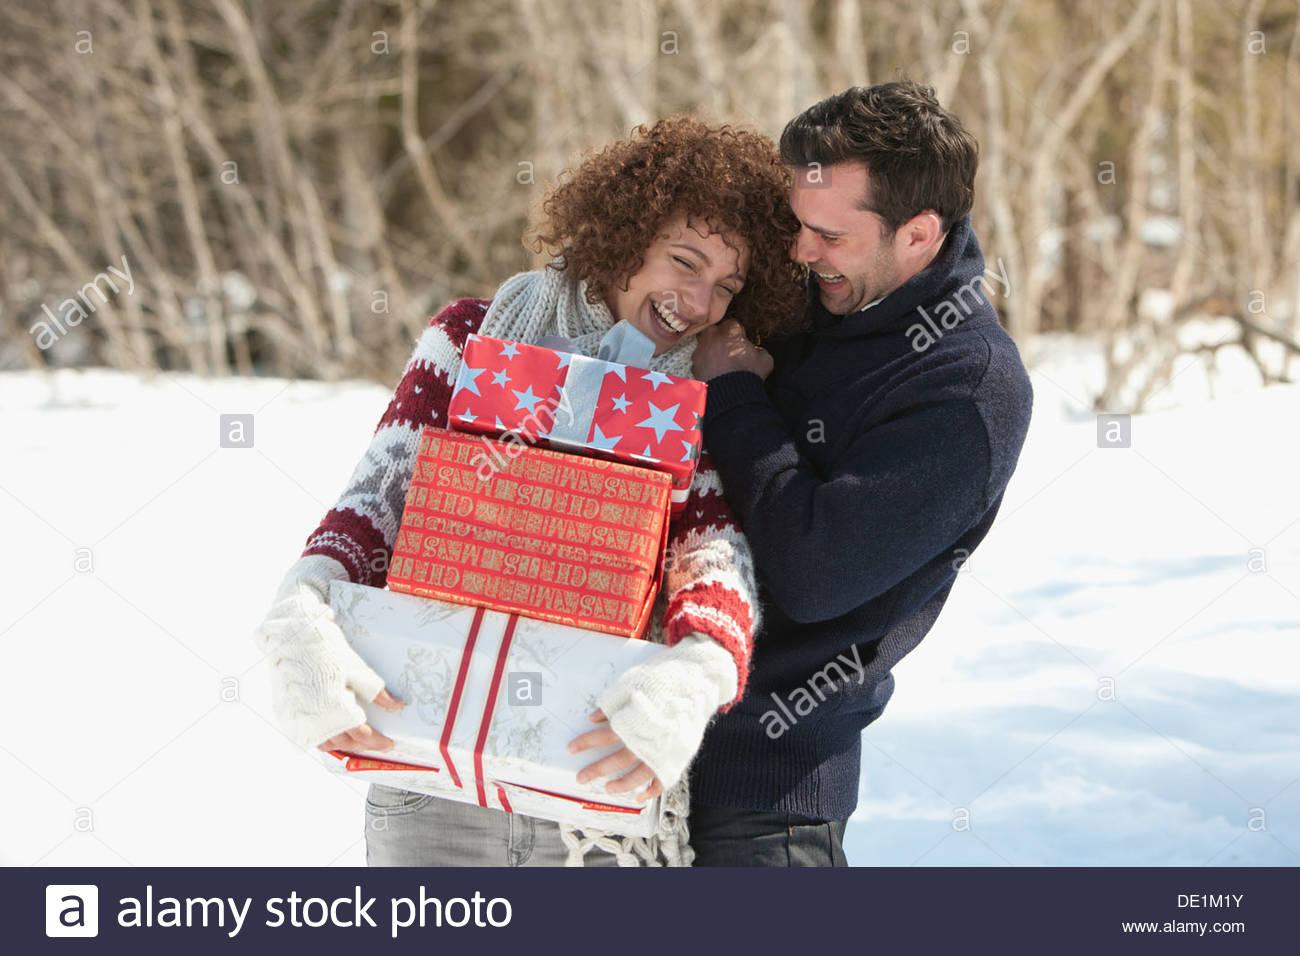 Hombre y mujer con regalos al aire libre, el invierno Imagen De Stock